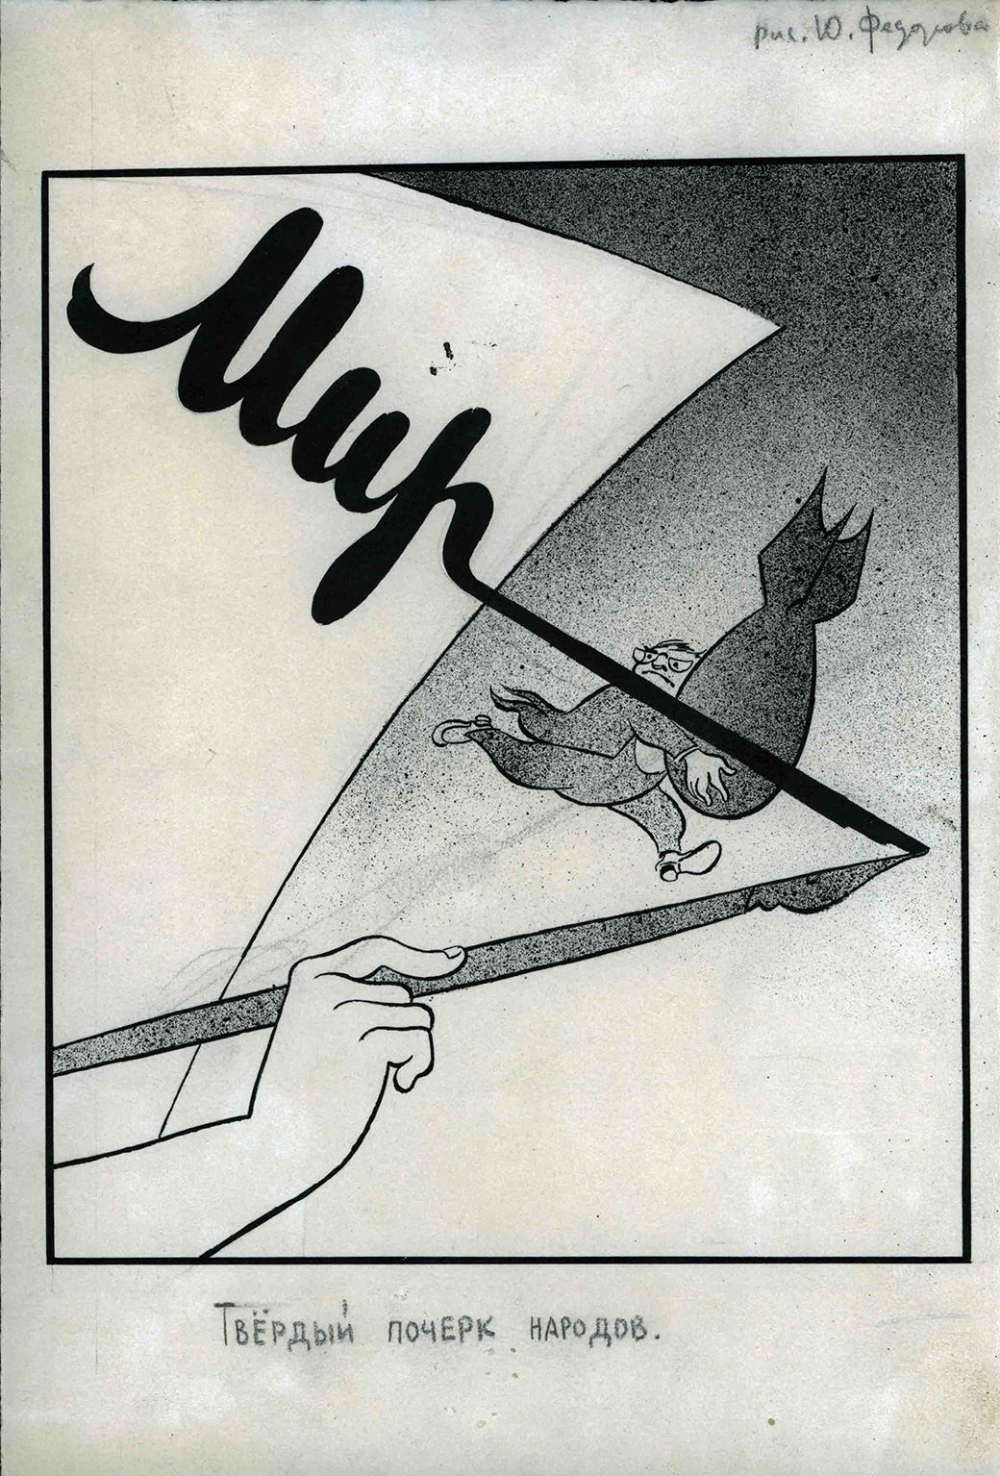 Карикатура «Твердый почерк народов»